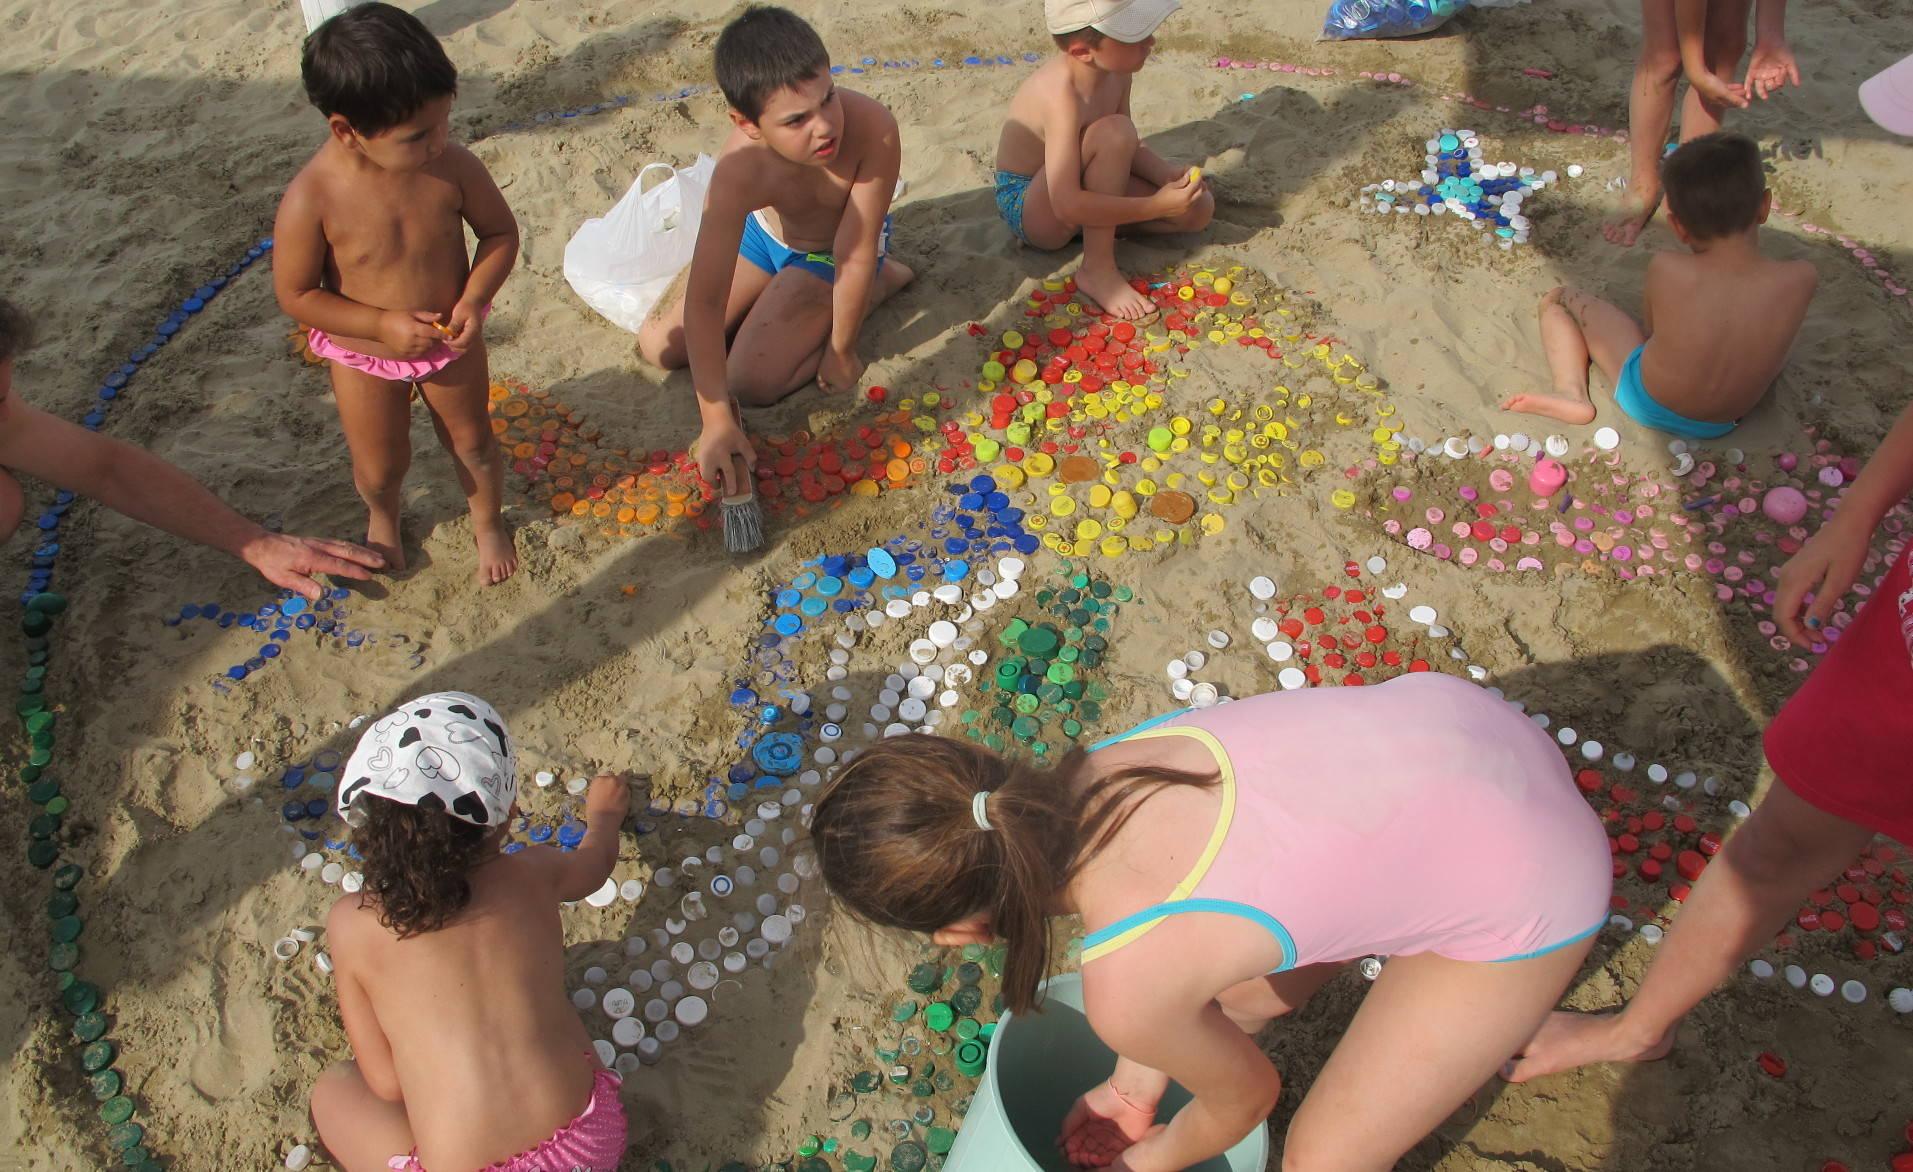 Servizi per bambini in spiaggia | Bagni 70-71 Torre Pedrera